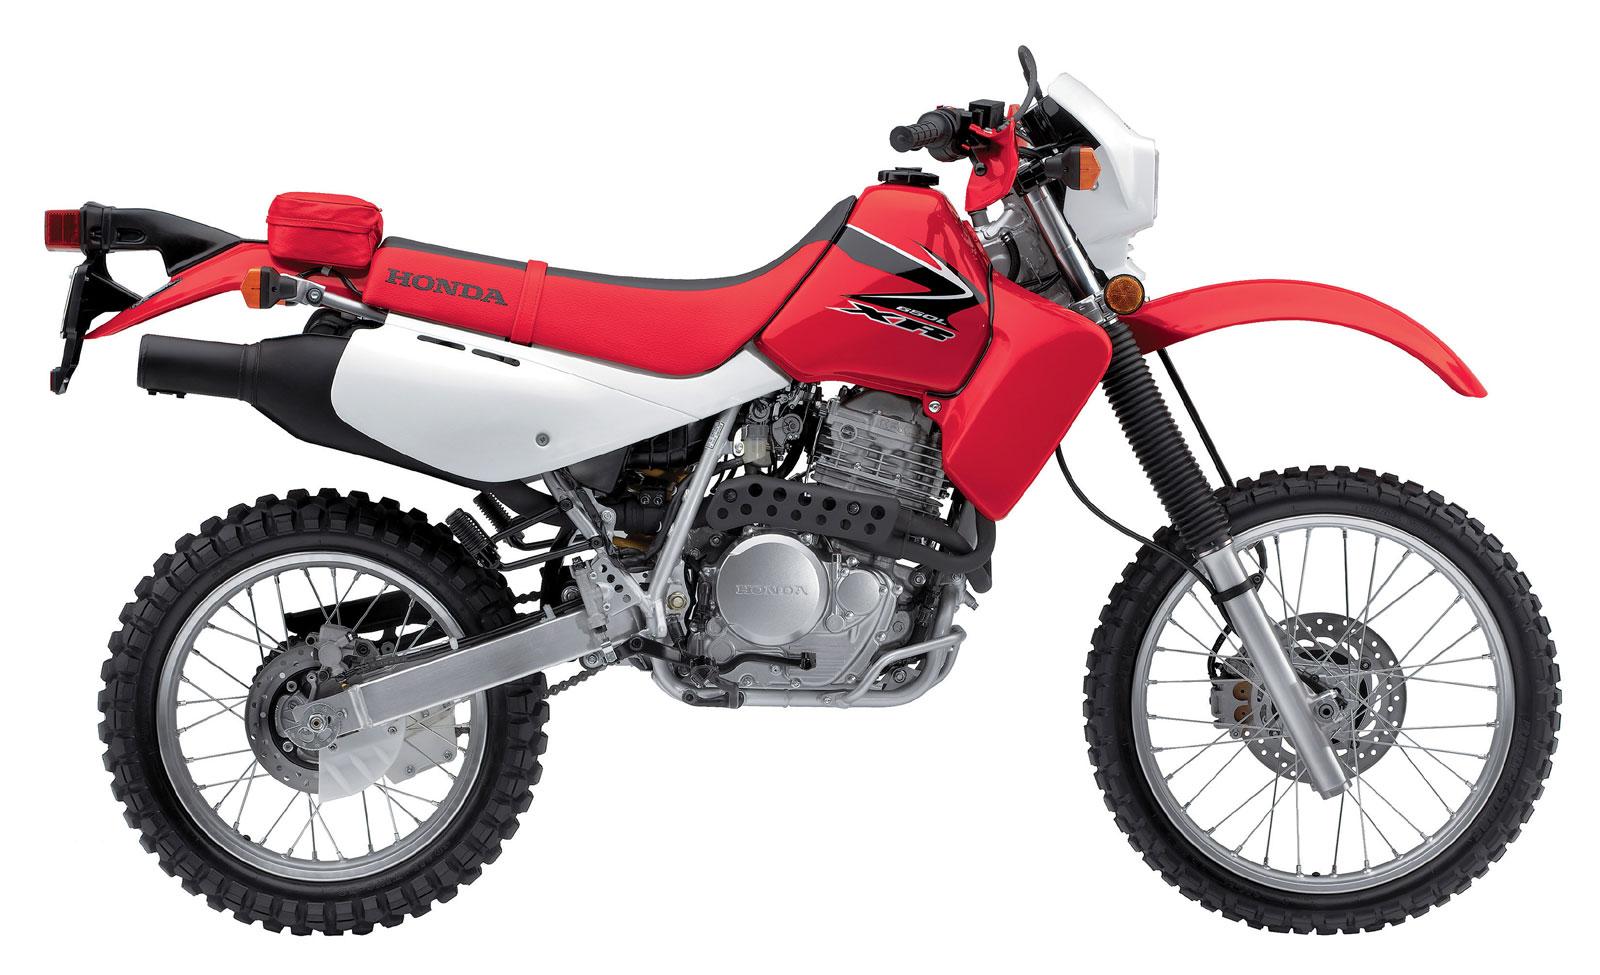 HONDA XR650L PARTS